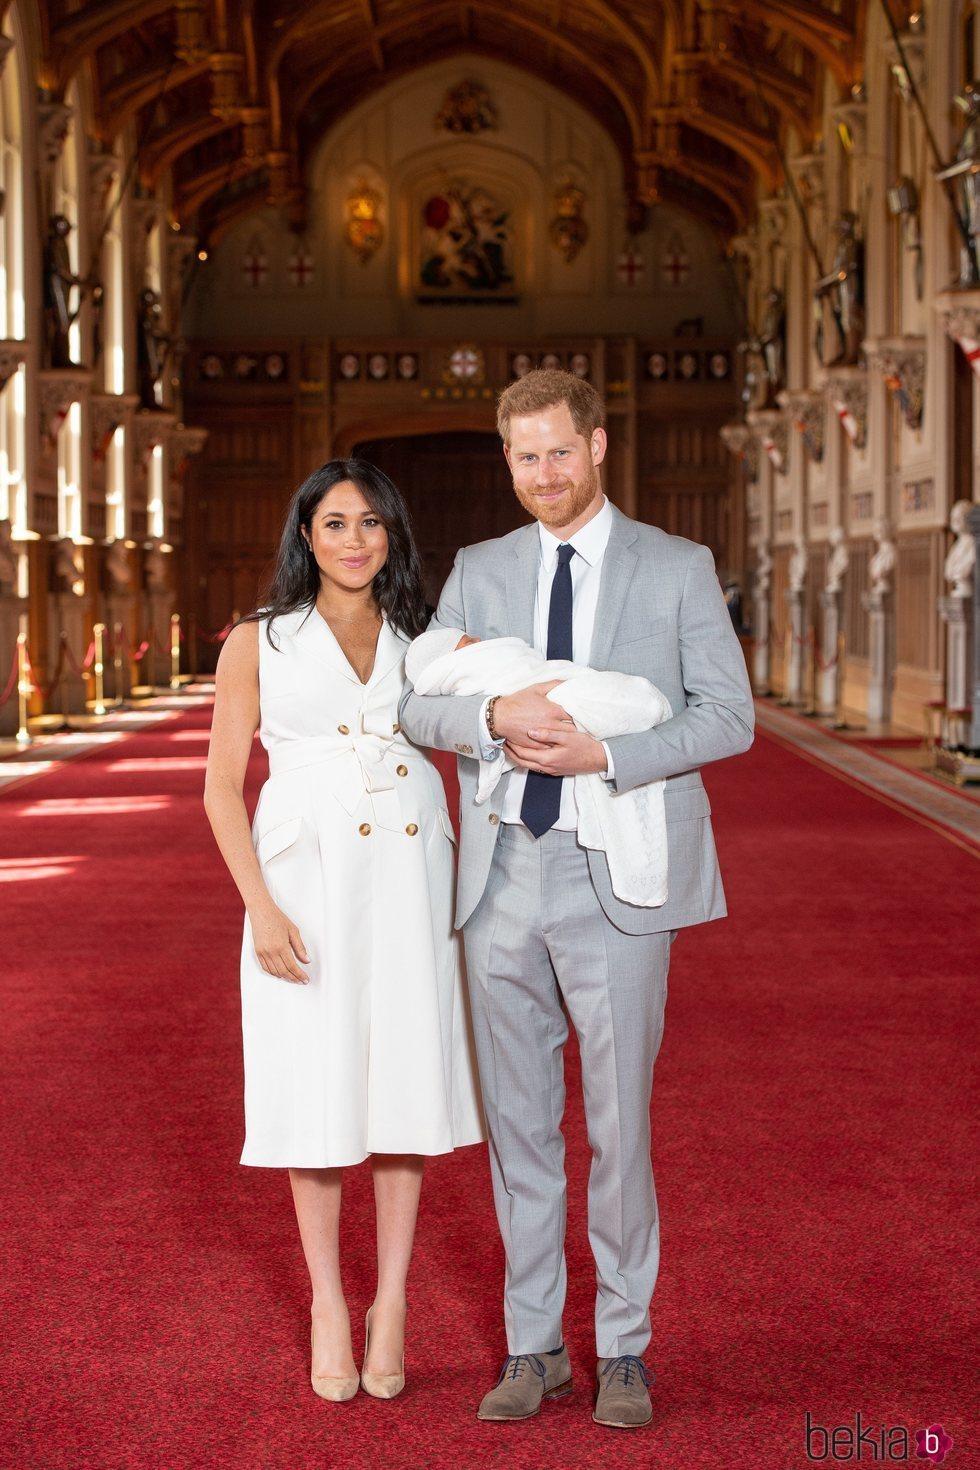 El Príncipe Harry y Meghan Markle con su primer hijo Archie Harrison en su presentación